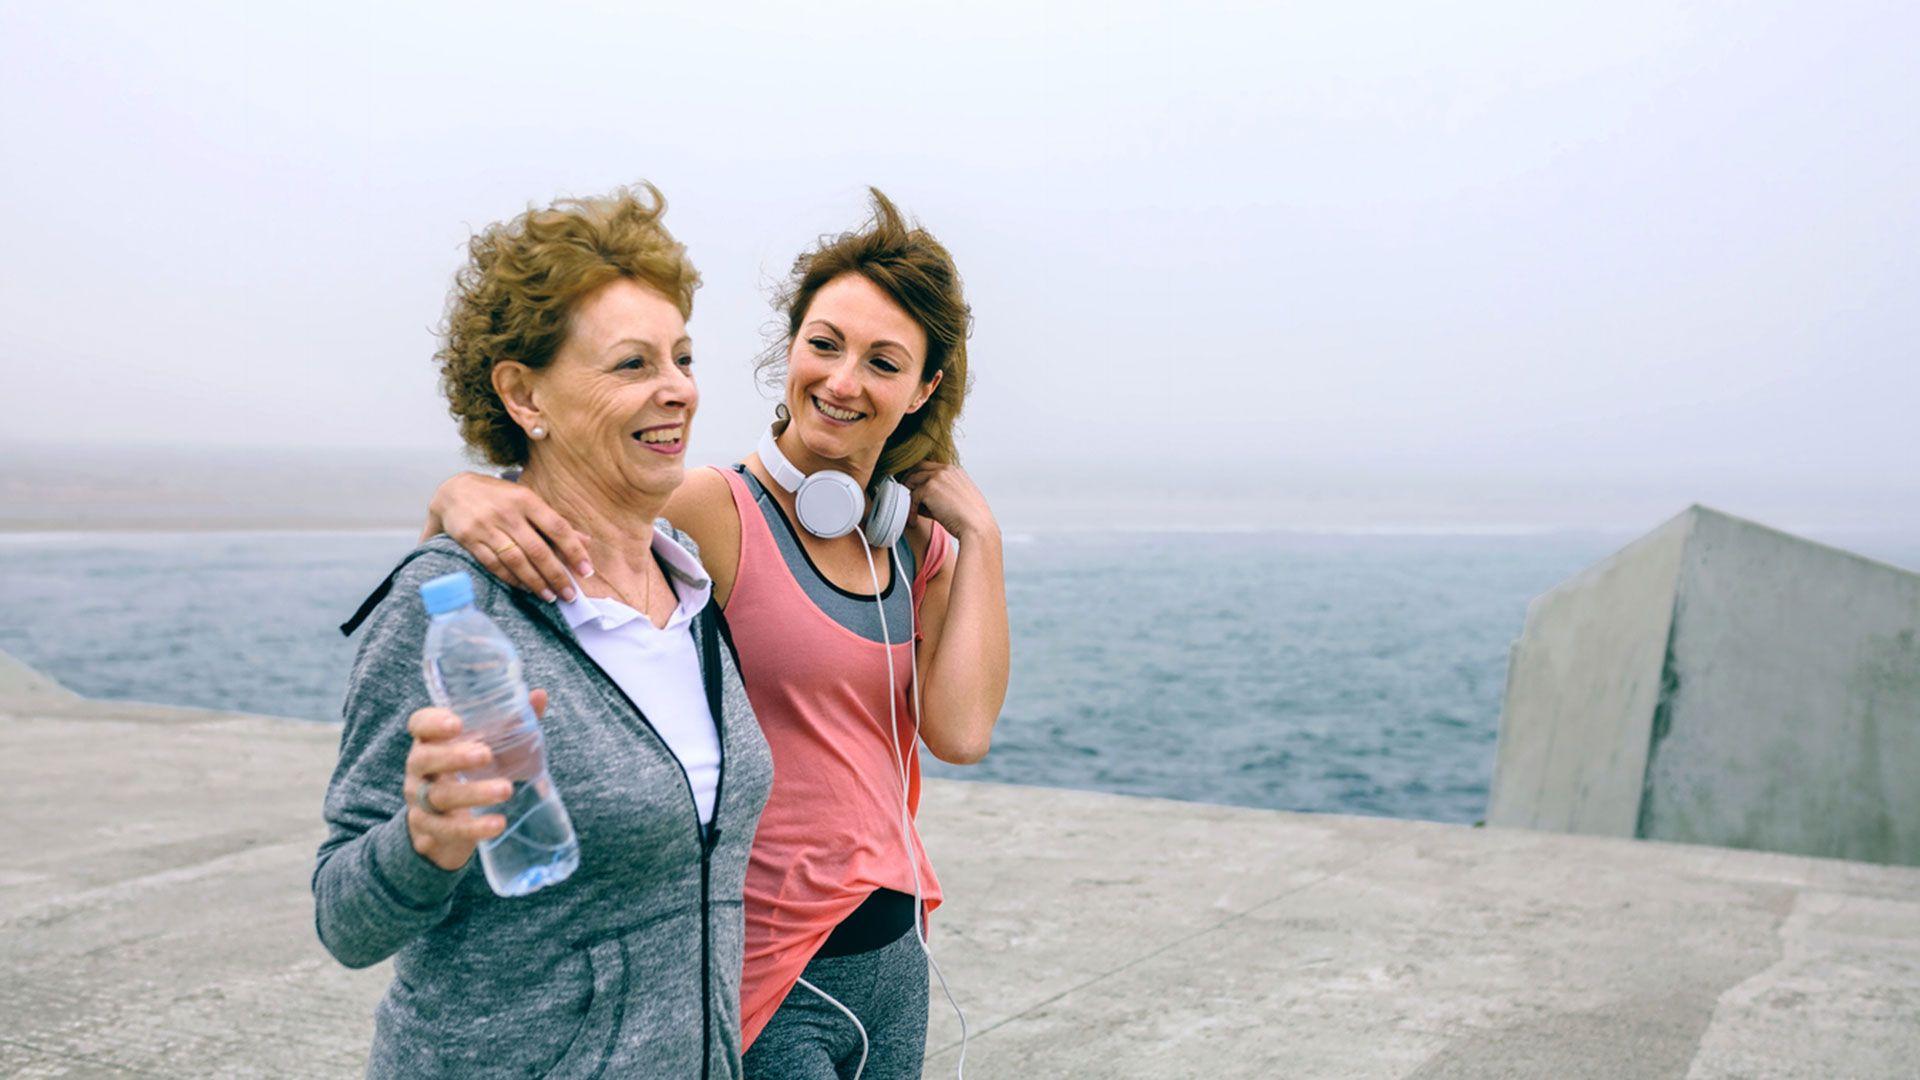 Mujeres realizan ejercicio físico para encontrarse bien física y mentalmente.